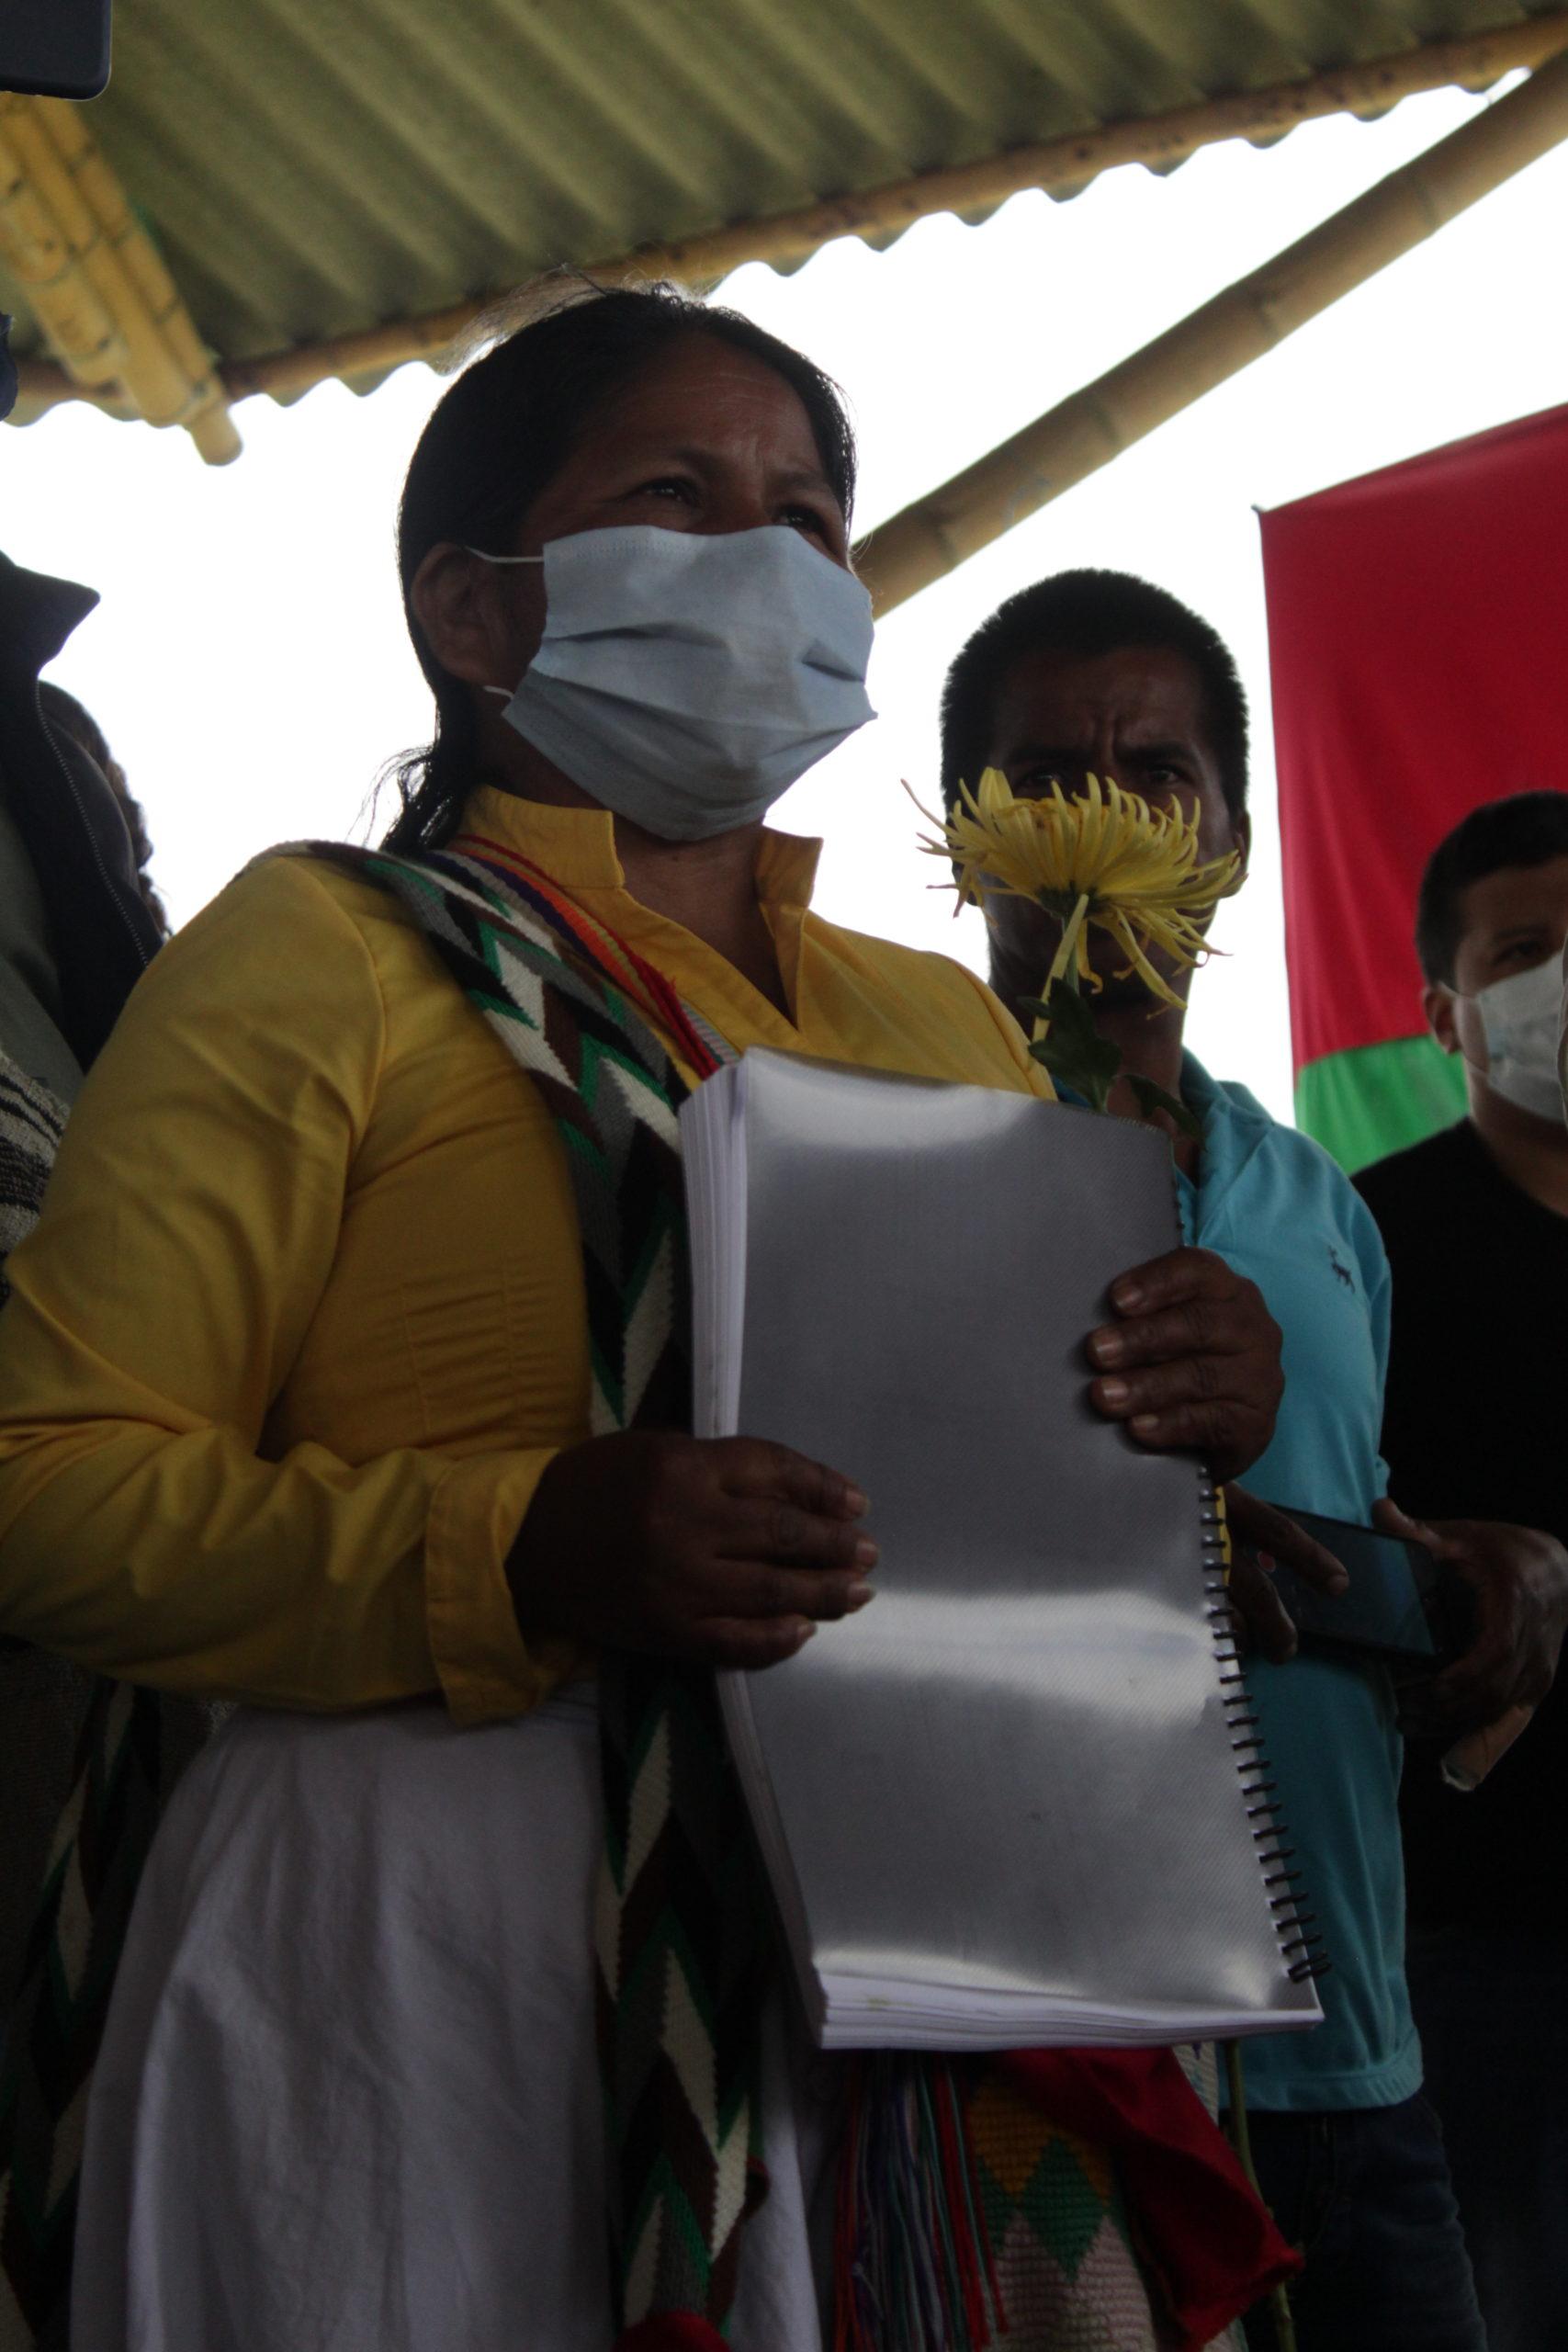 Entrega del informe de la Masacre del Naya al Sistema Integral de Verdad, Justicia, Reparación y No Repetición. Kite Kiwe (Cauca).